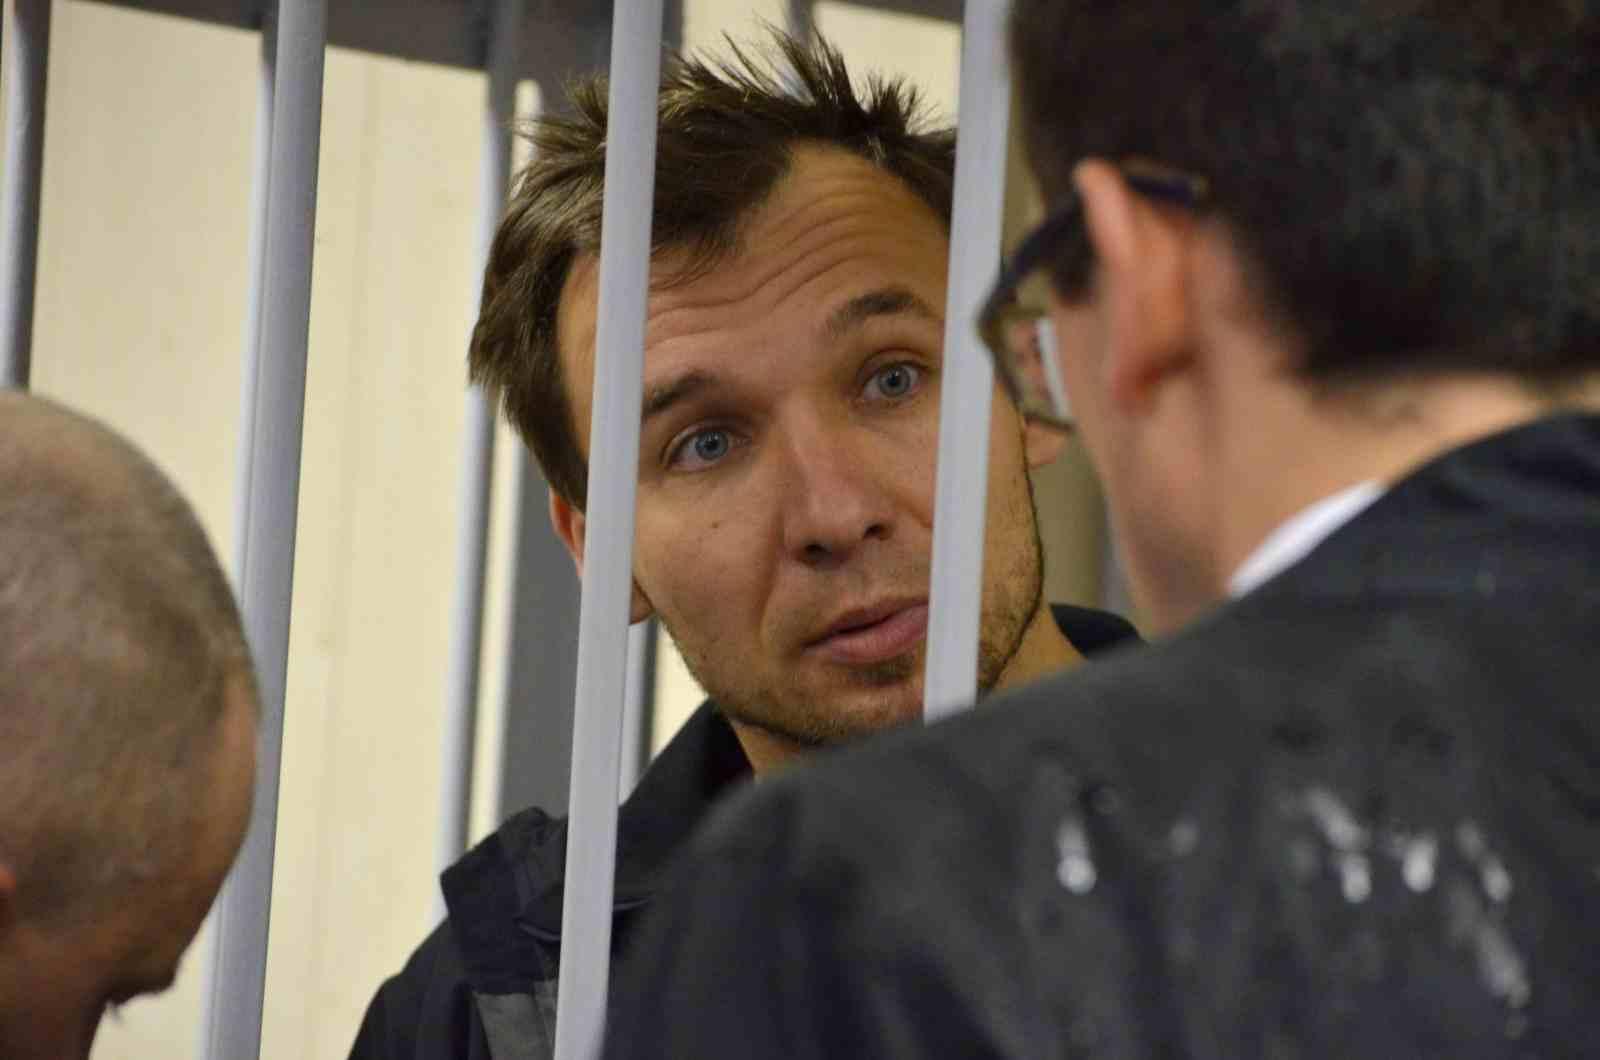 Tomasz Dziemianczuk at the court in Murmansk. Photo: EPA/Angela Kolyada